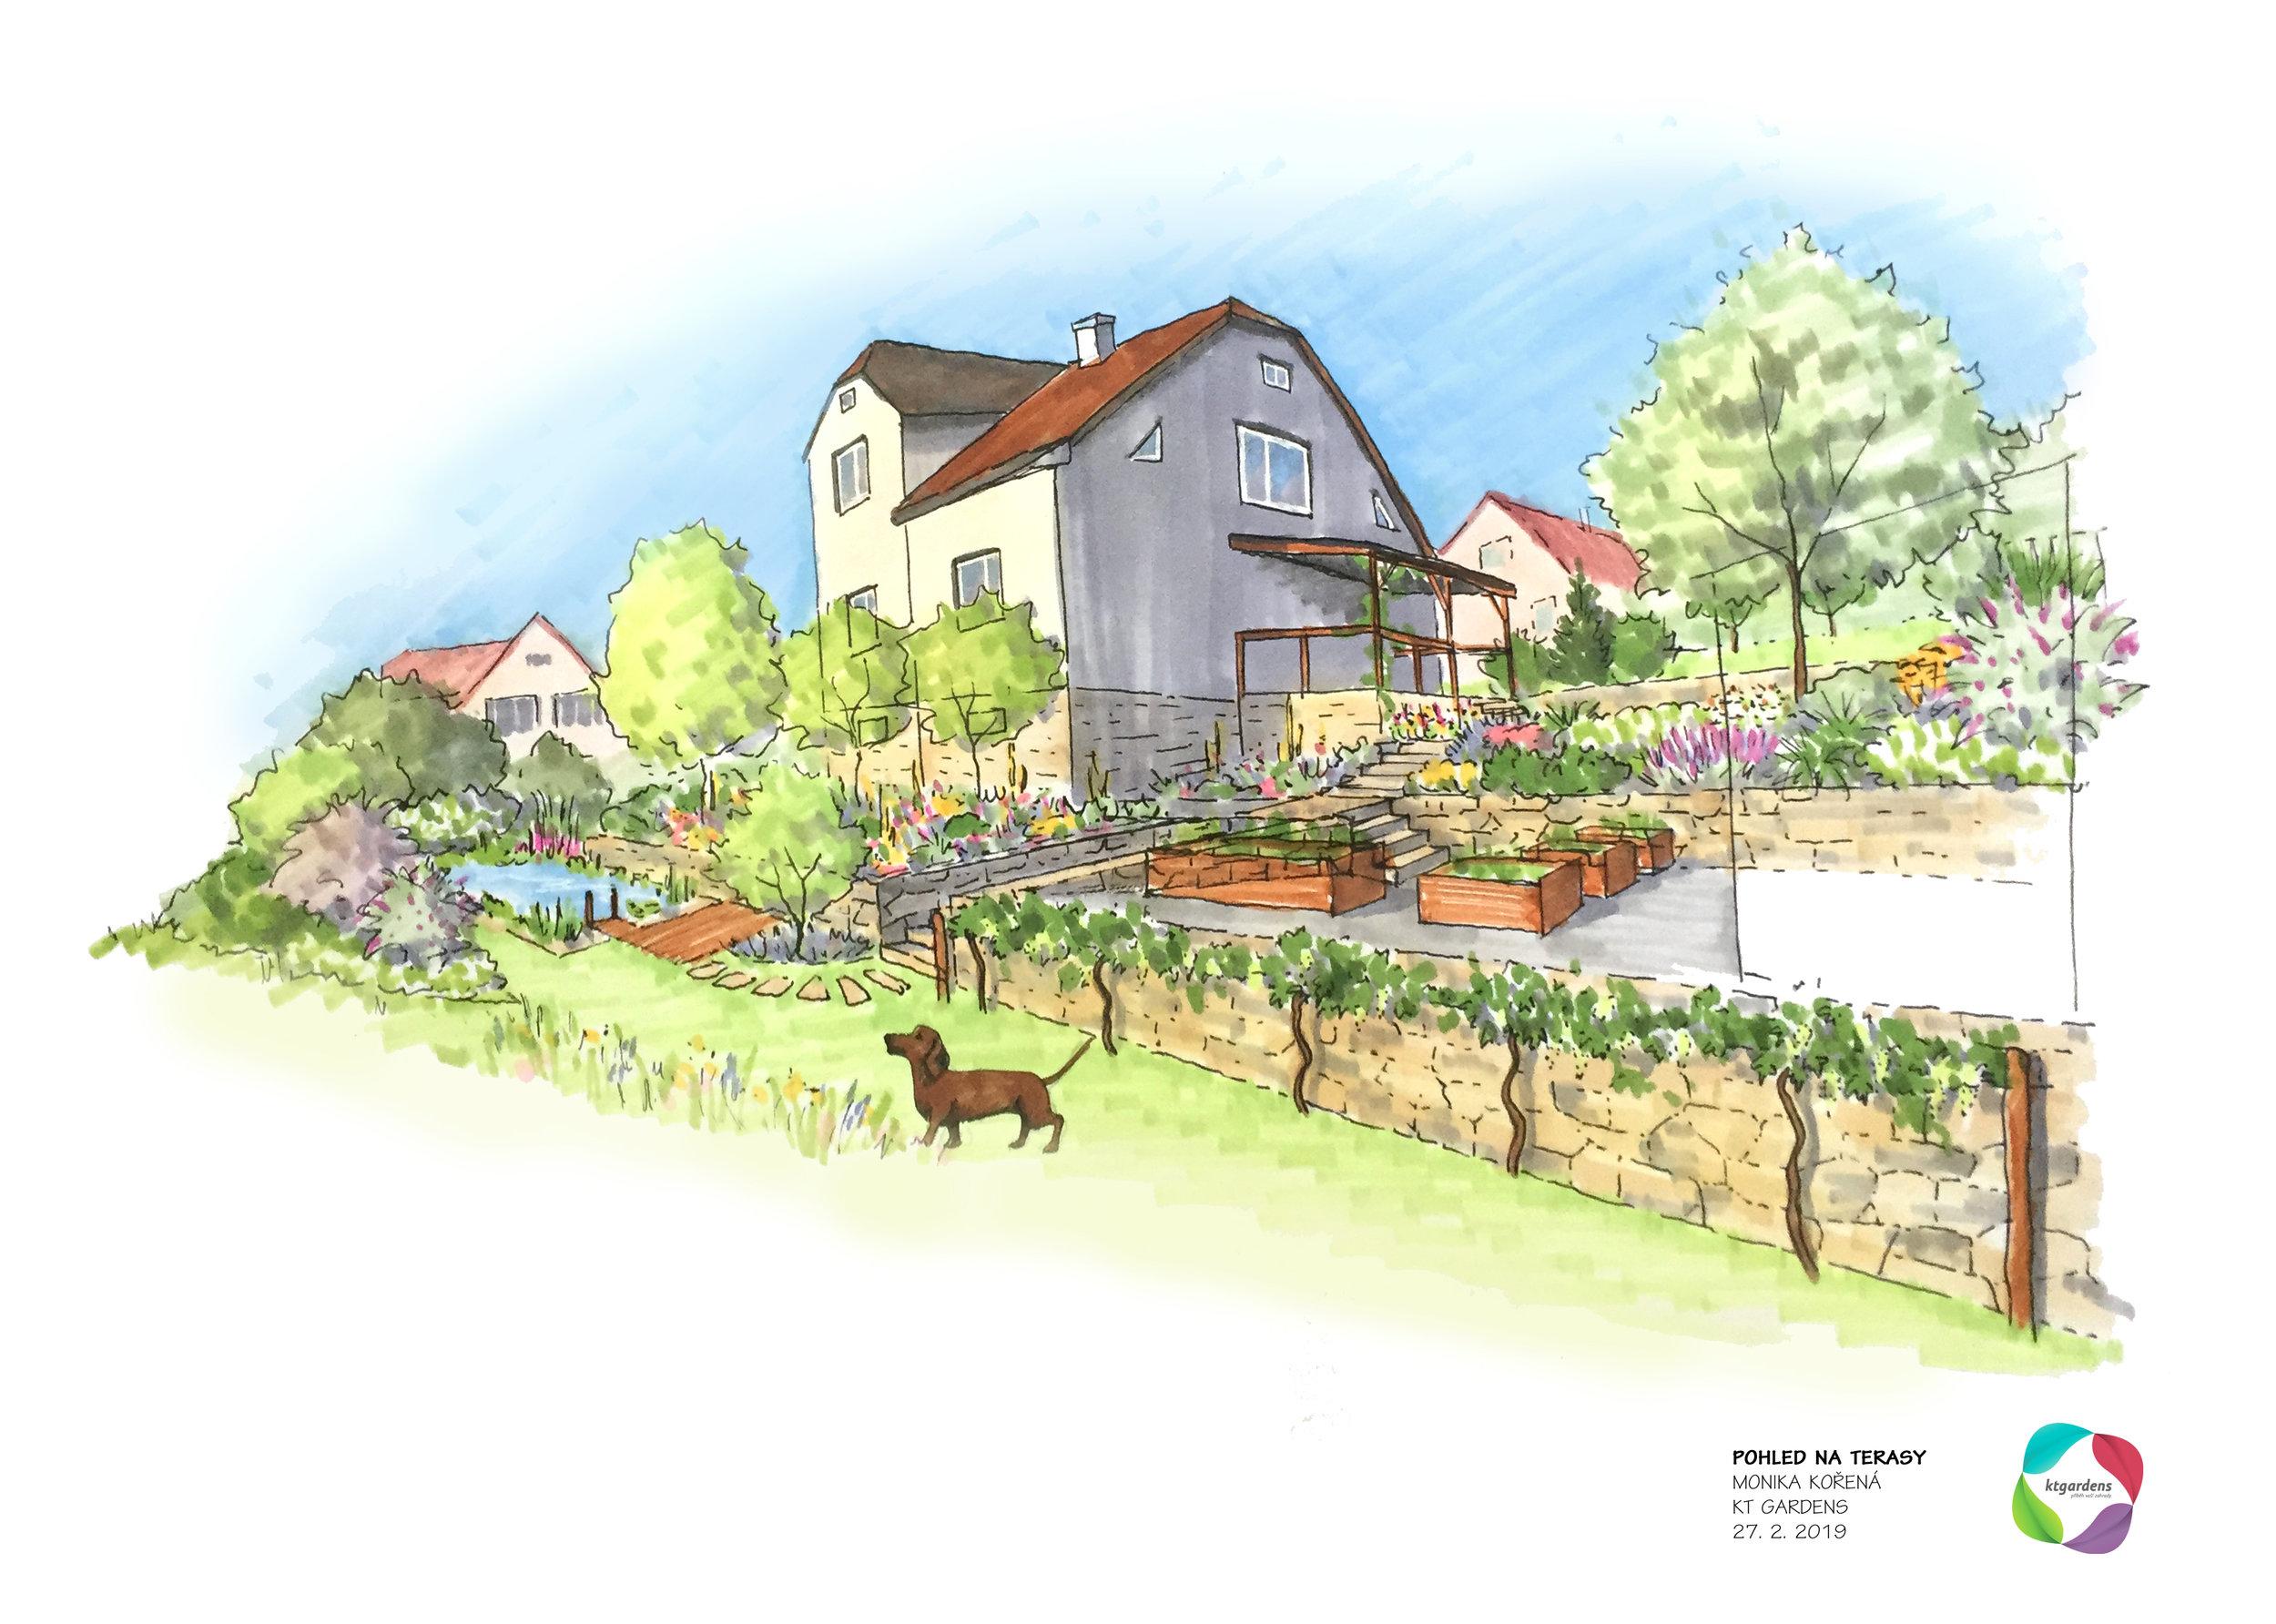 Návrh zahrady ve Štramberku, venkovská zahrada, přírodní zahrada, kamenné zídky, KTgardens